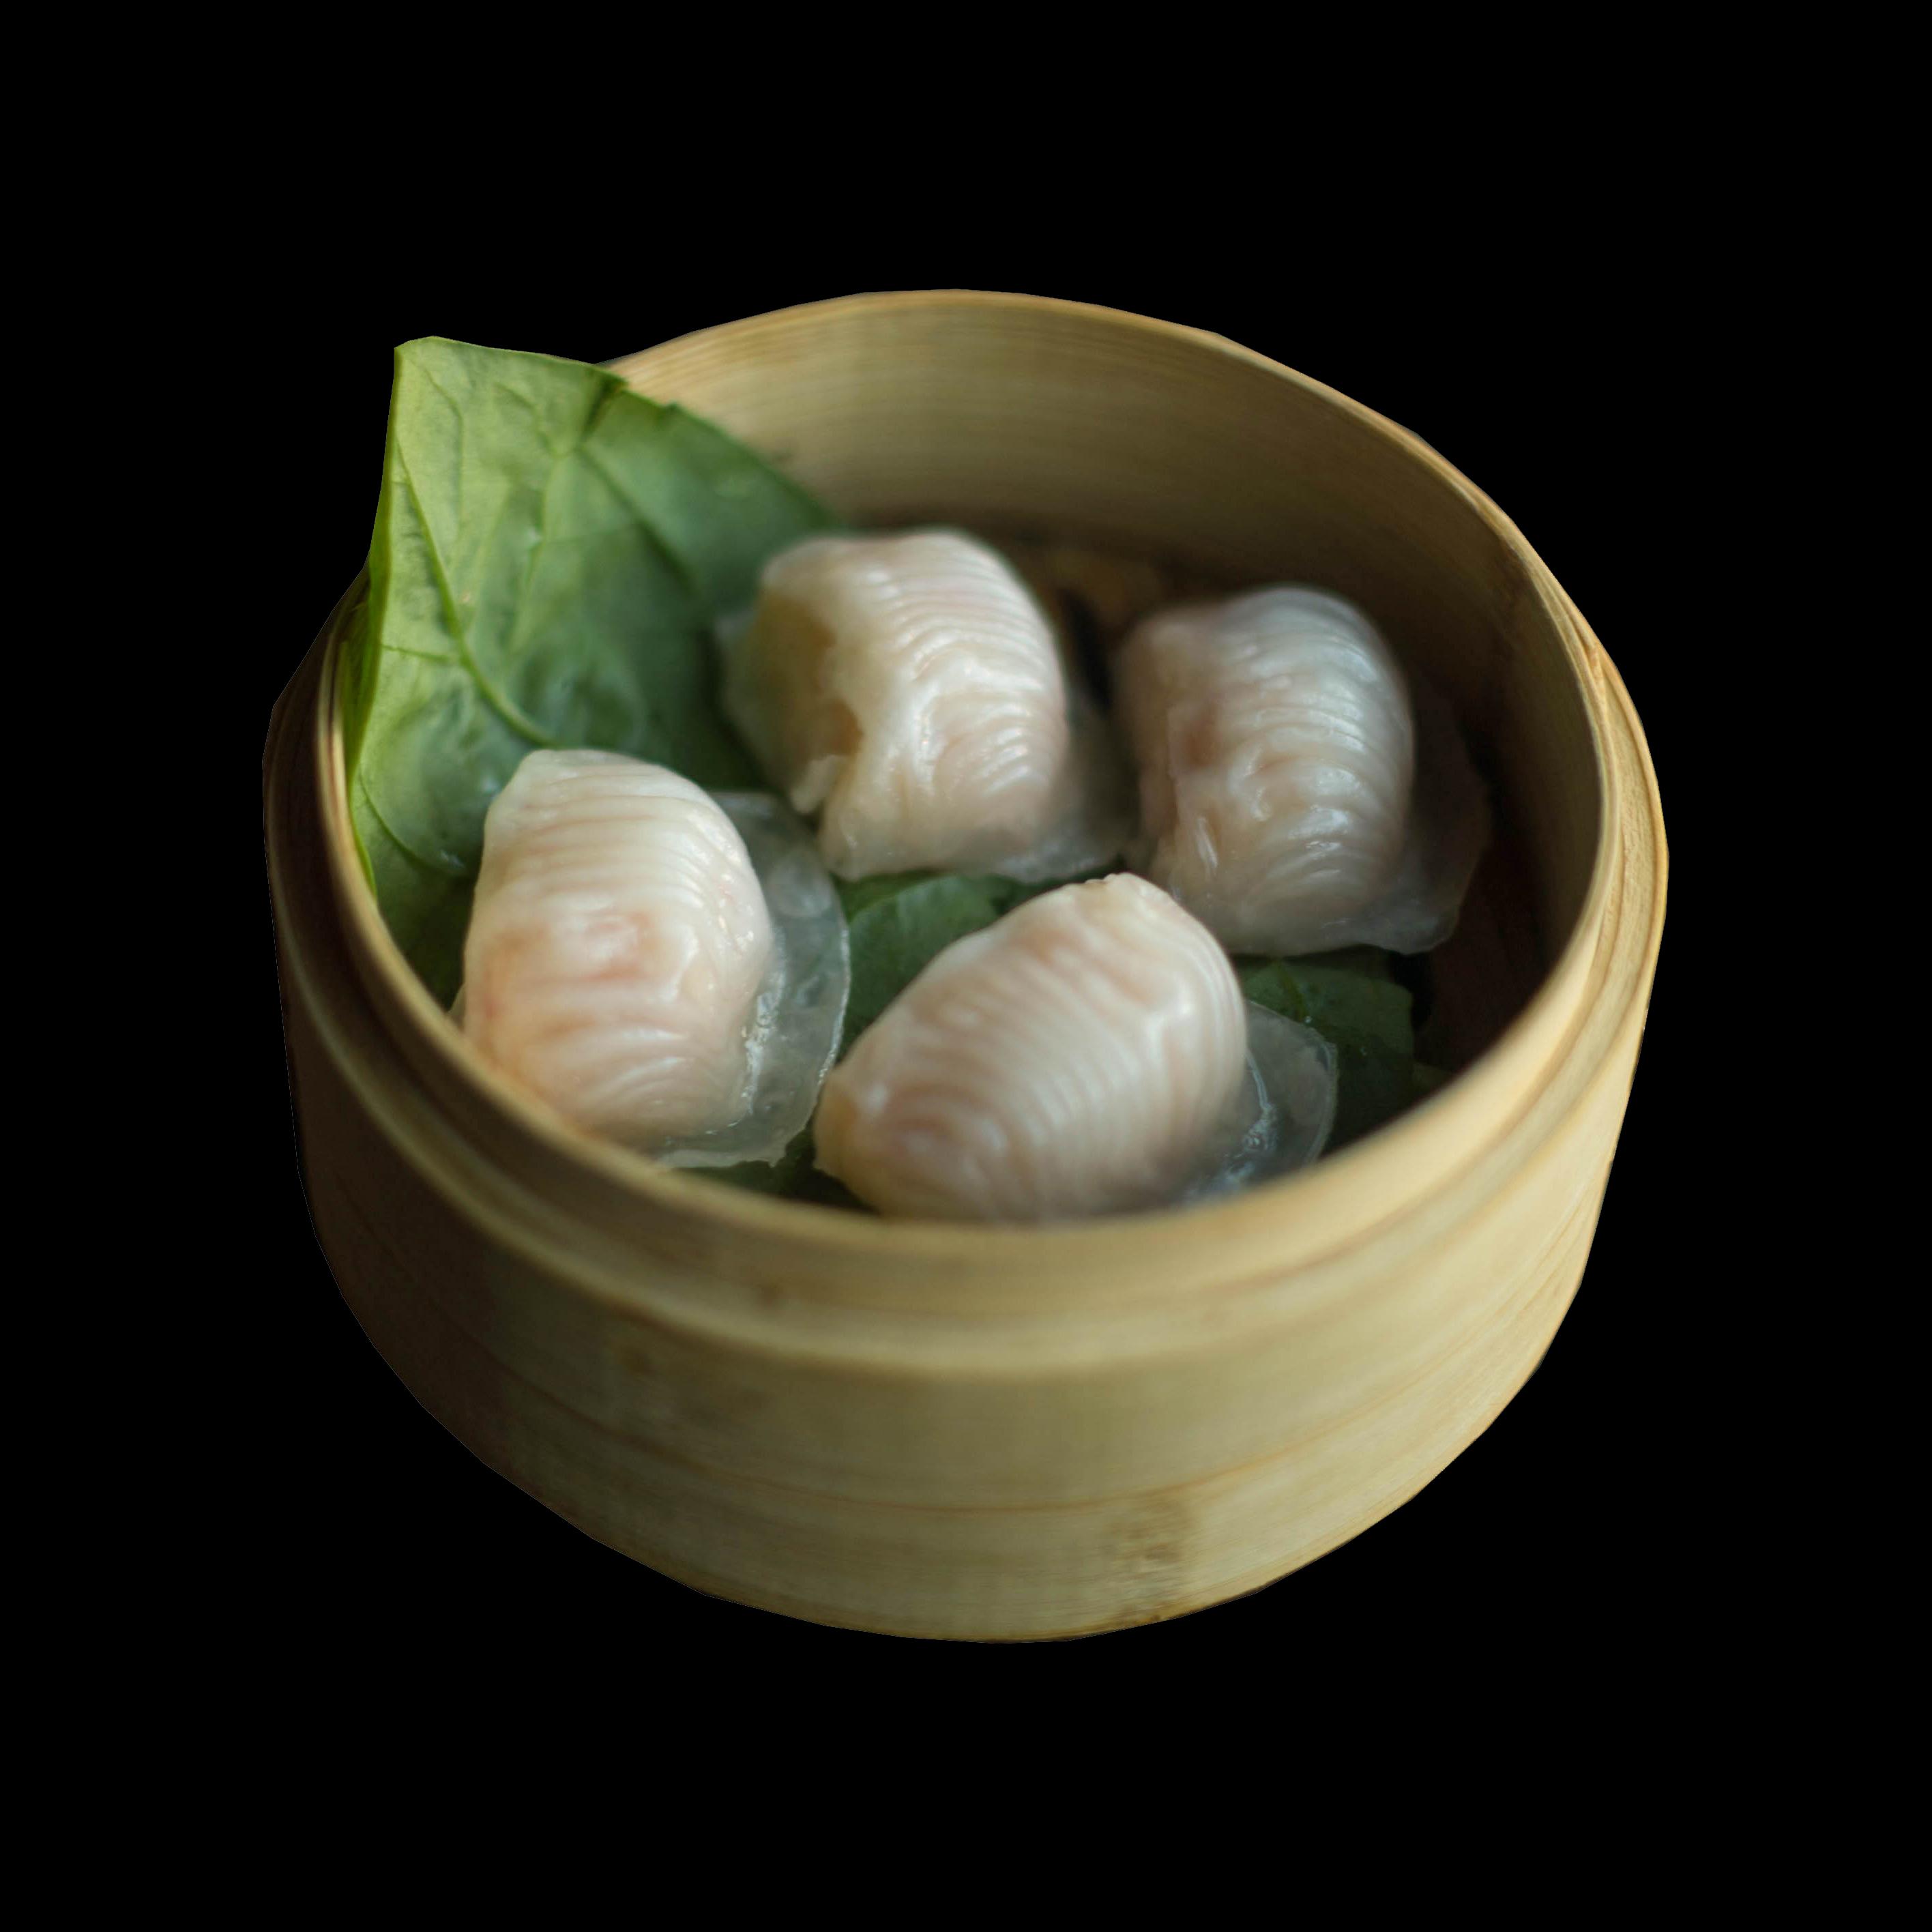 2. 虾饺 Shrimp Dumplings Image